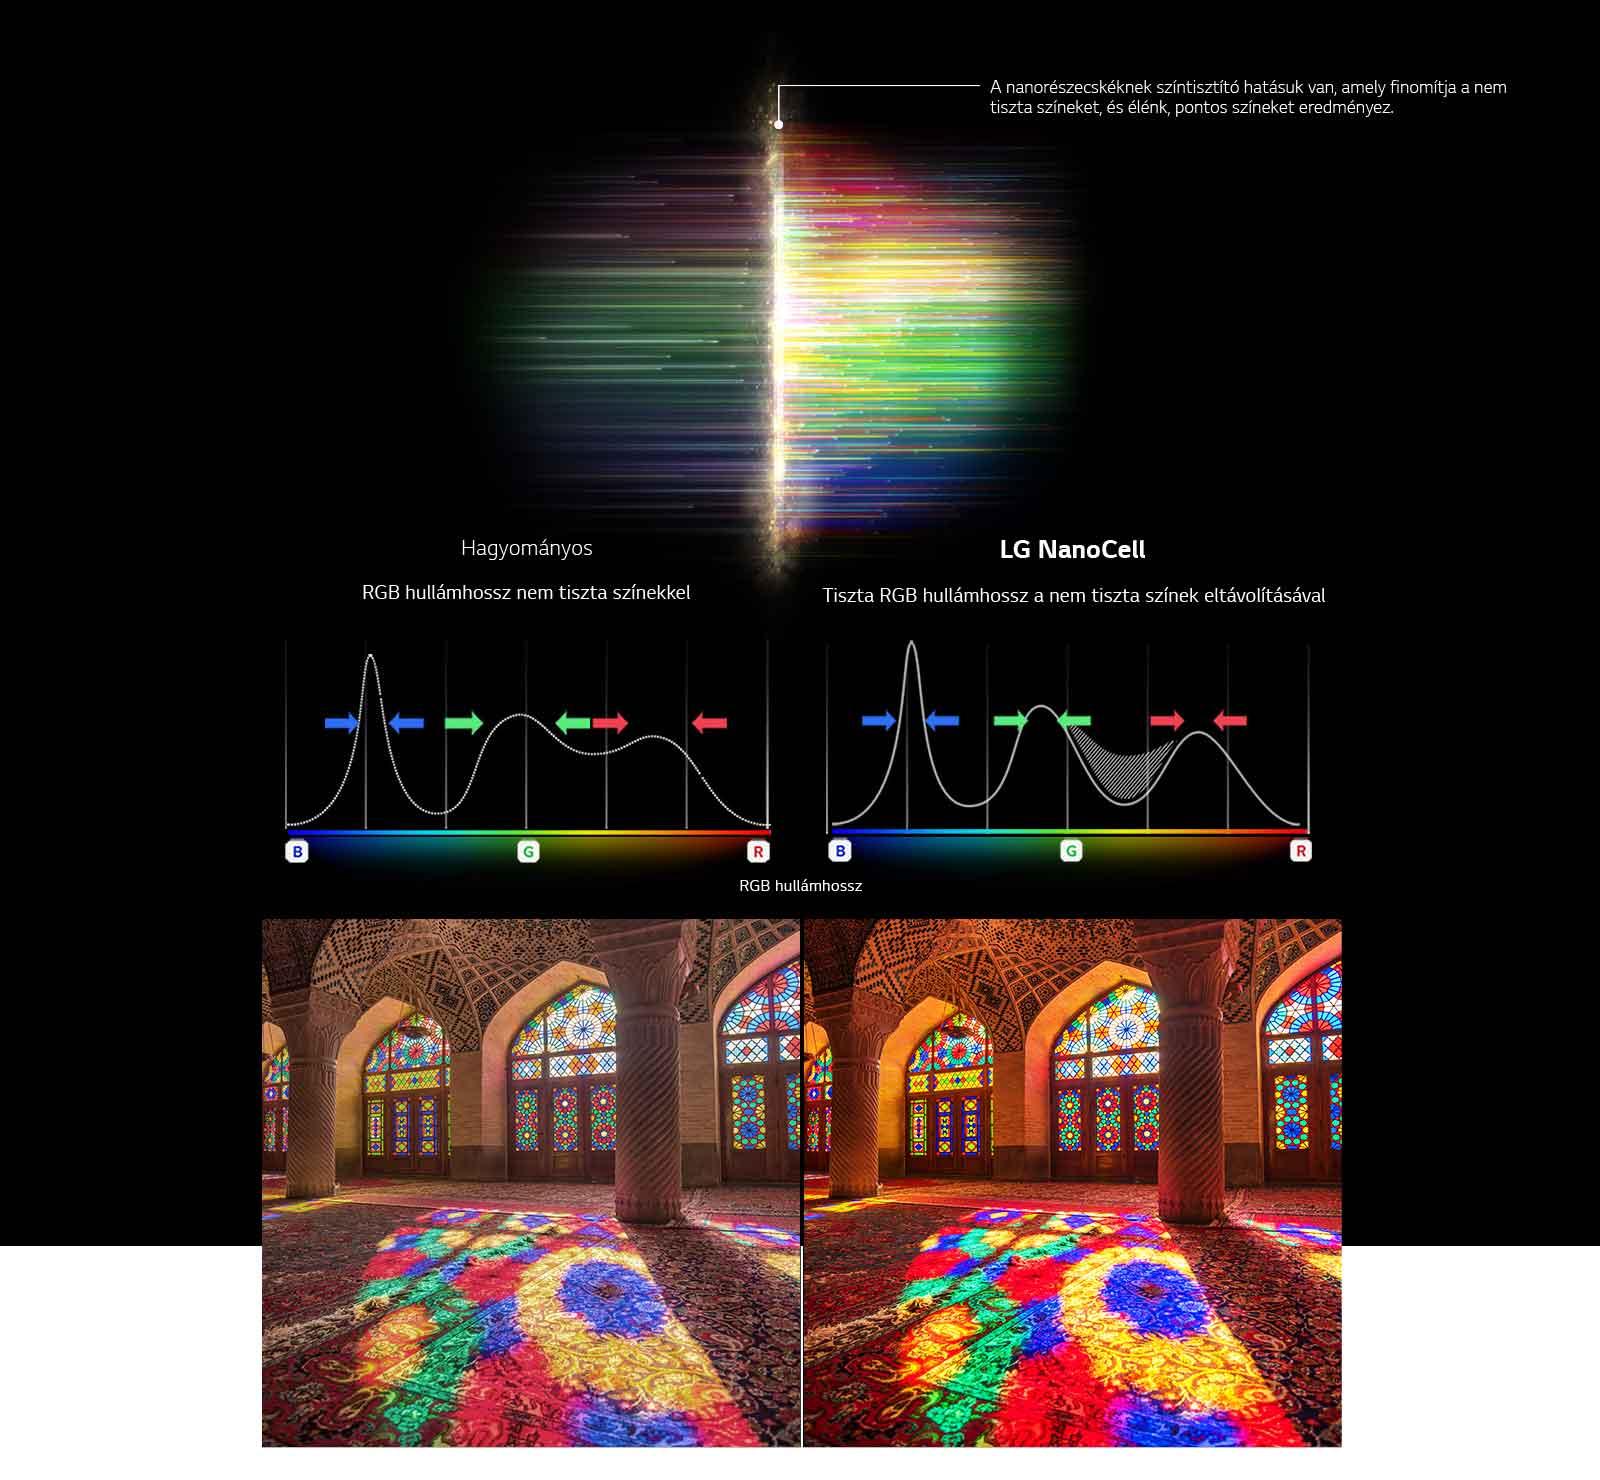 Graf, ki prikazuje RGB spekter, ki ponazarja odstranjevanje blede barve, pa tudi slike, ki primerjajo čistost barv z običajnimi tehnologijami in tehnologijami NanoCell.